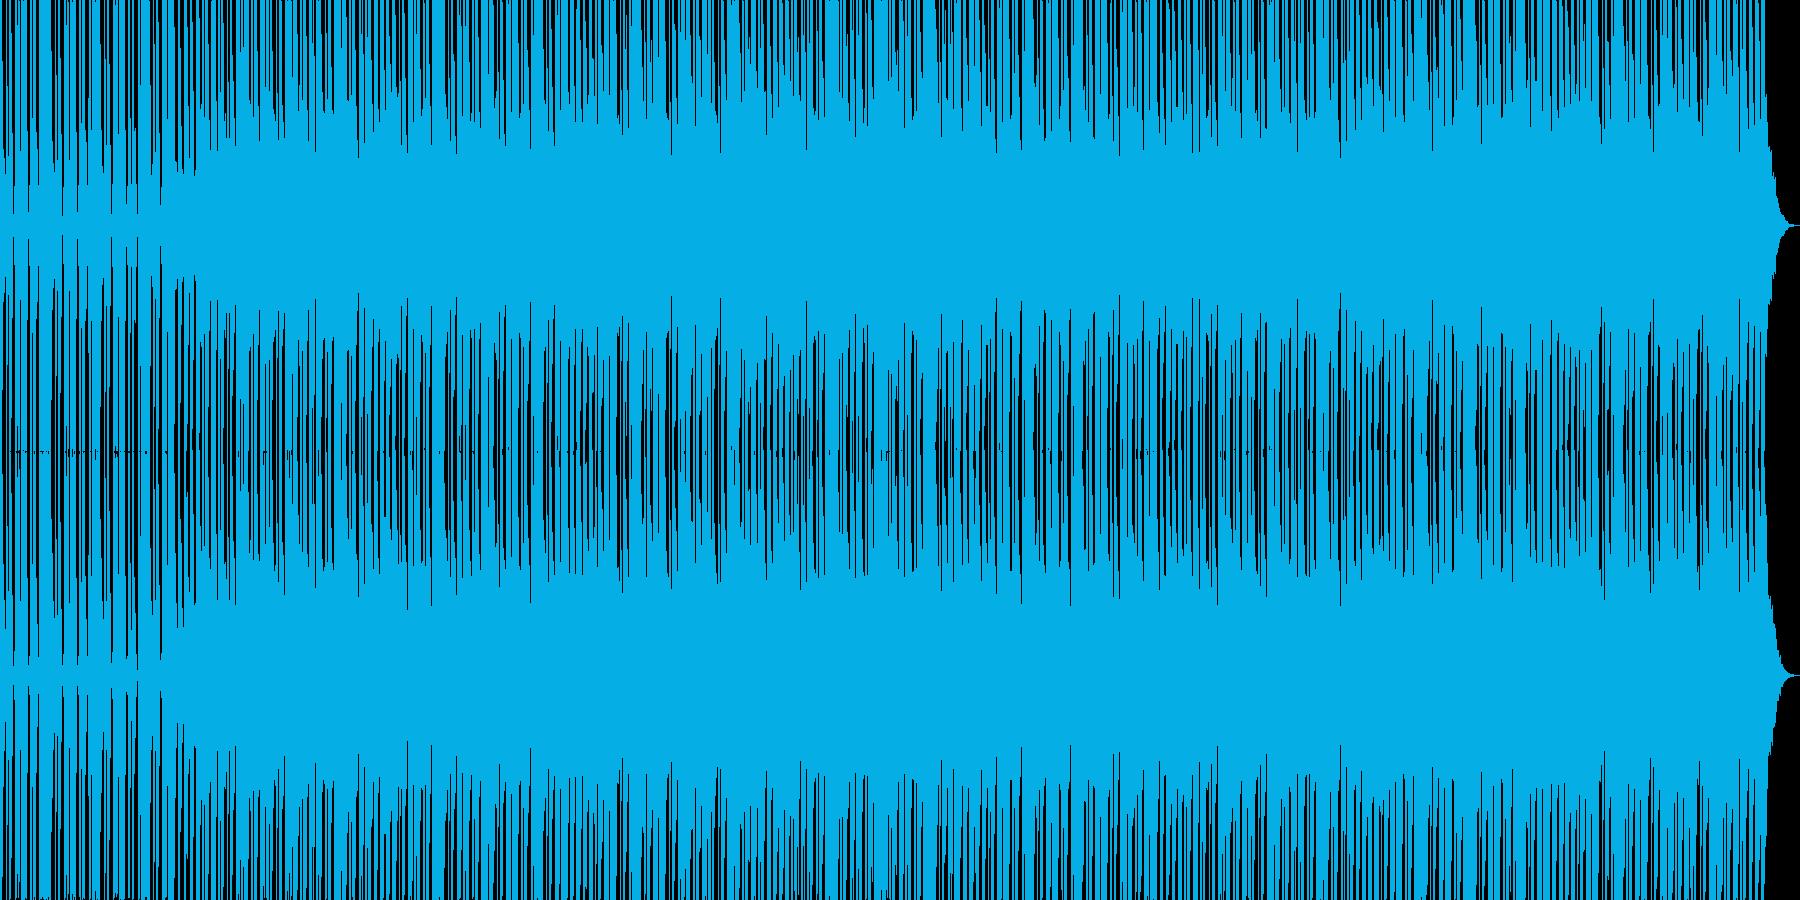 HIP HOP BEAT 1 の再生済みの波形